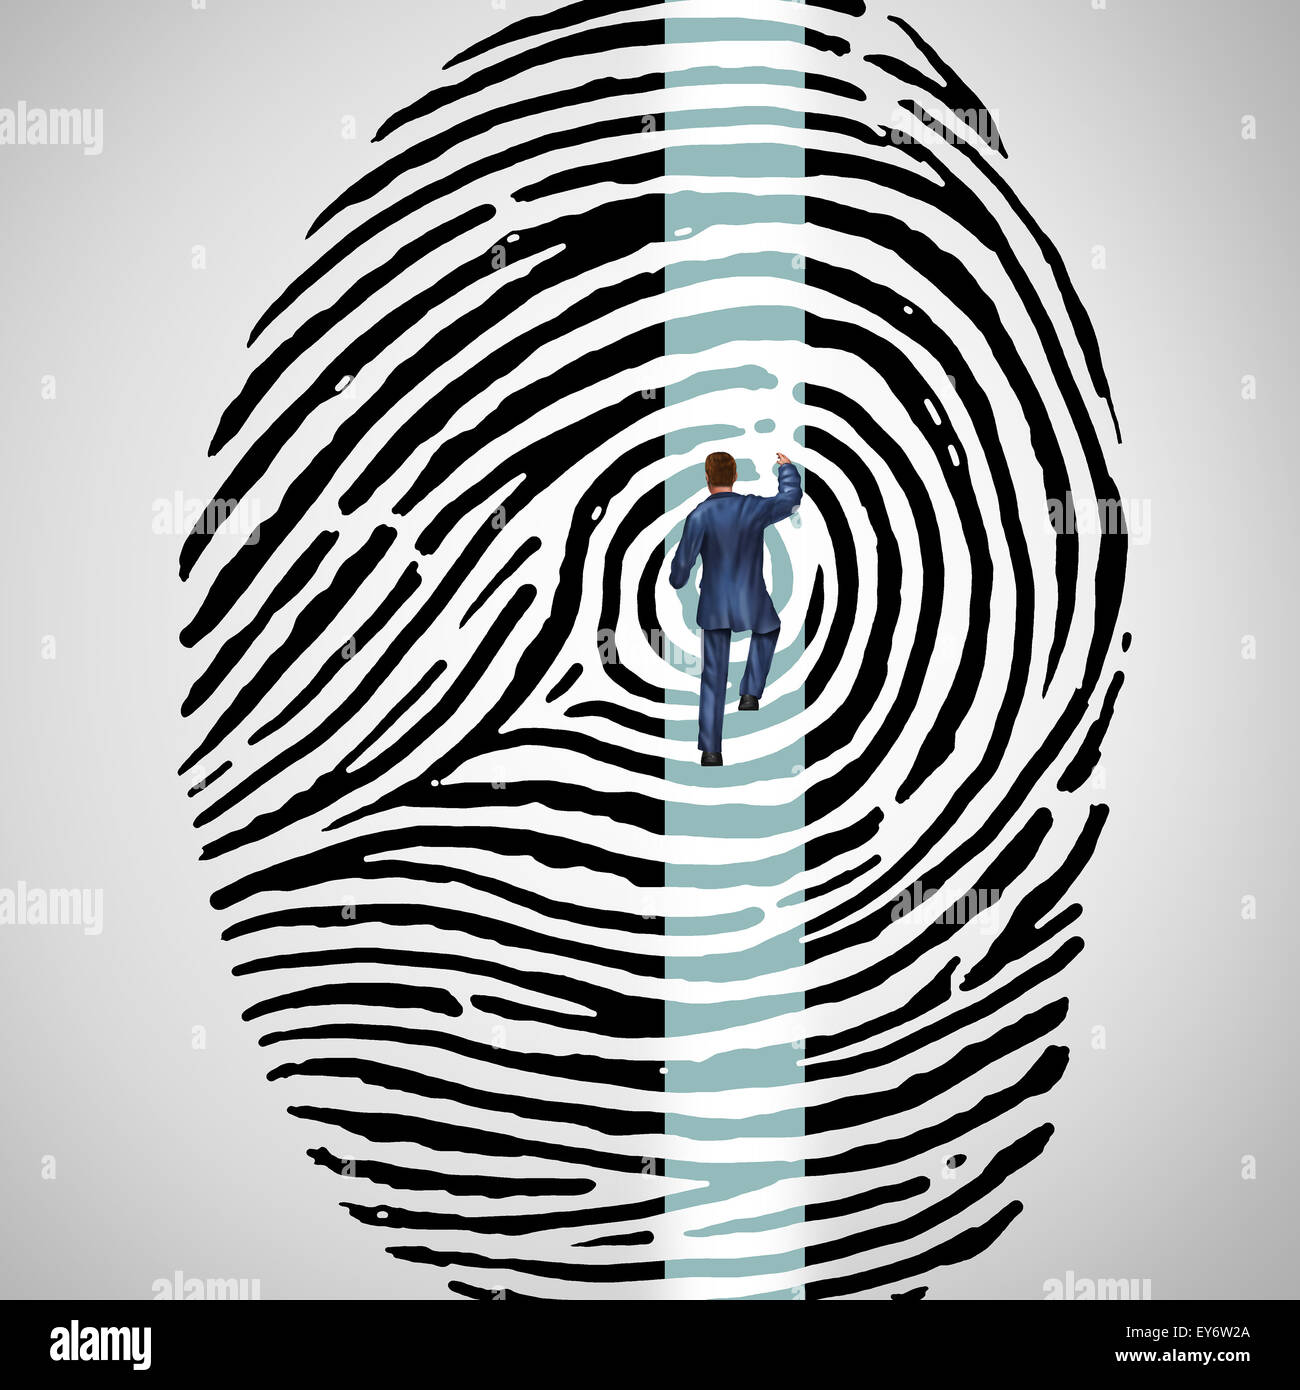 Seguridad Personal desafío concepto como una persona subiendo una huellas o huella digital como una escalera Imagen De Stock